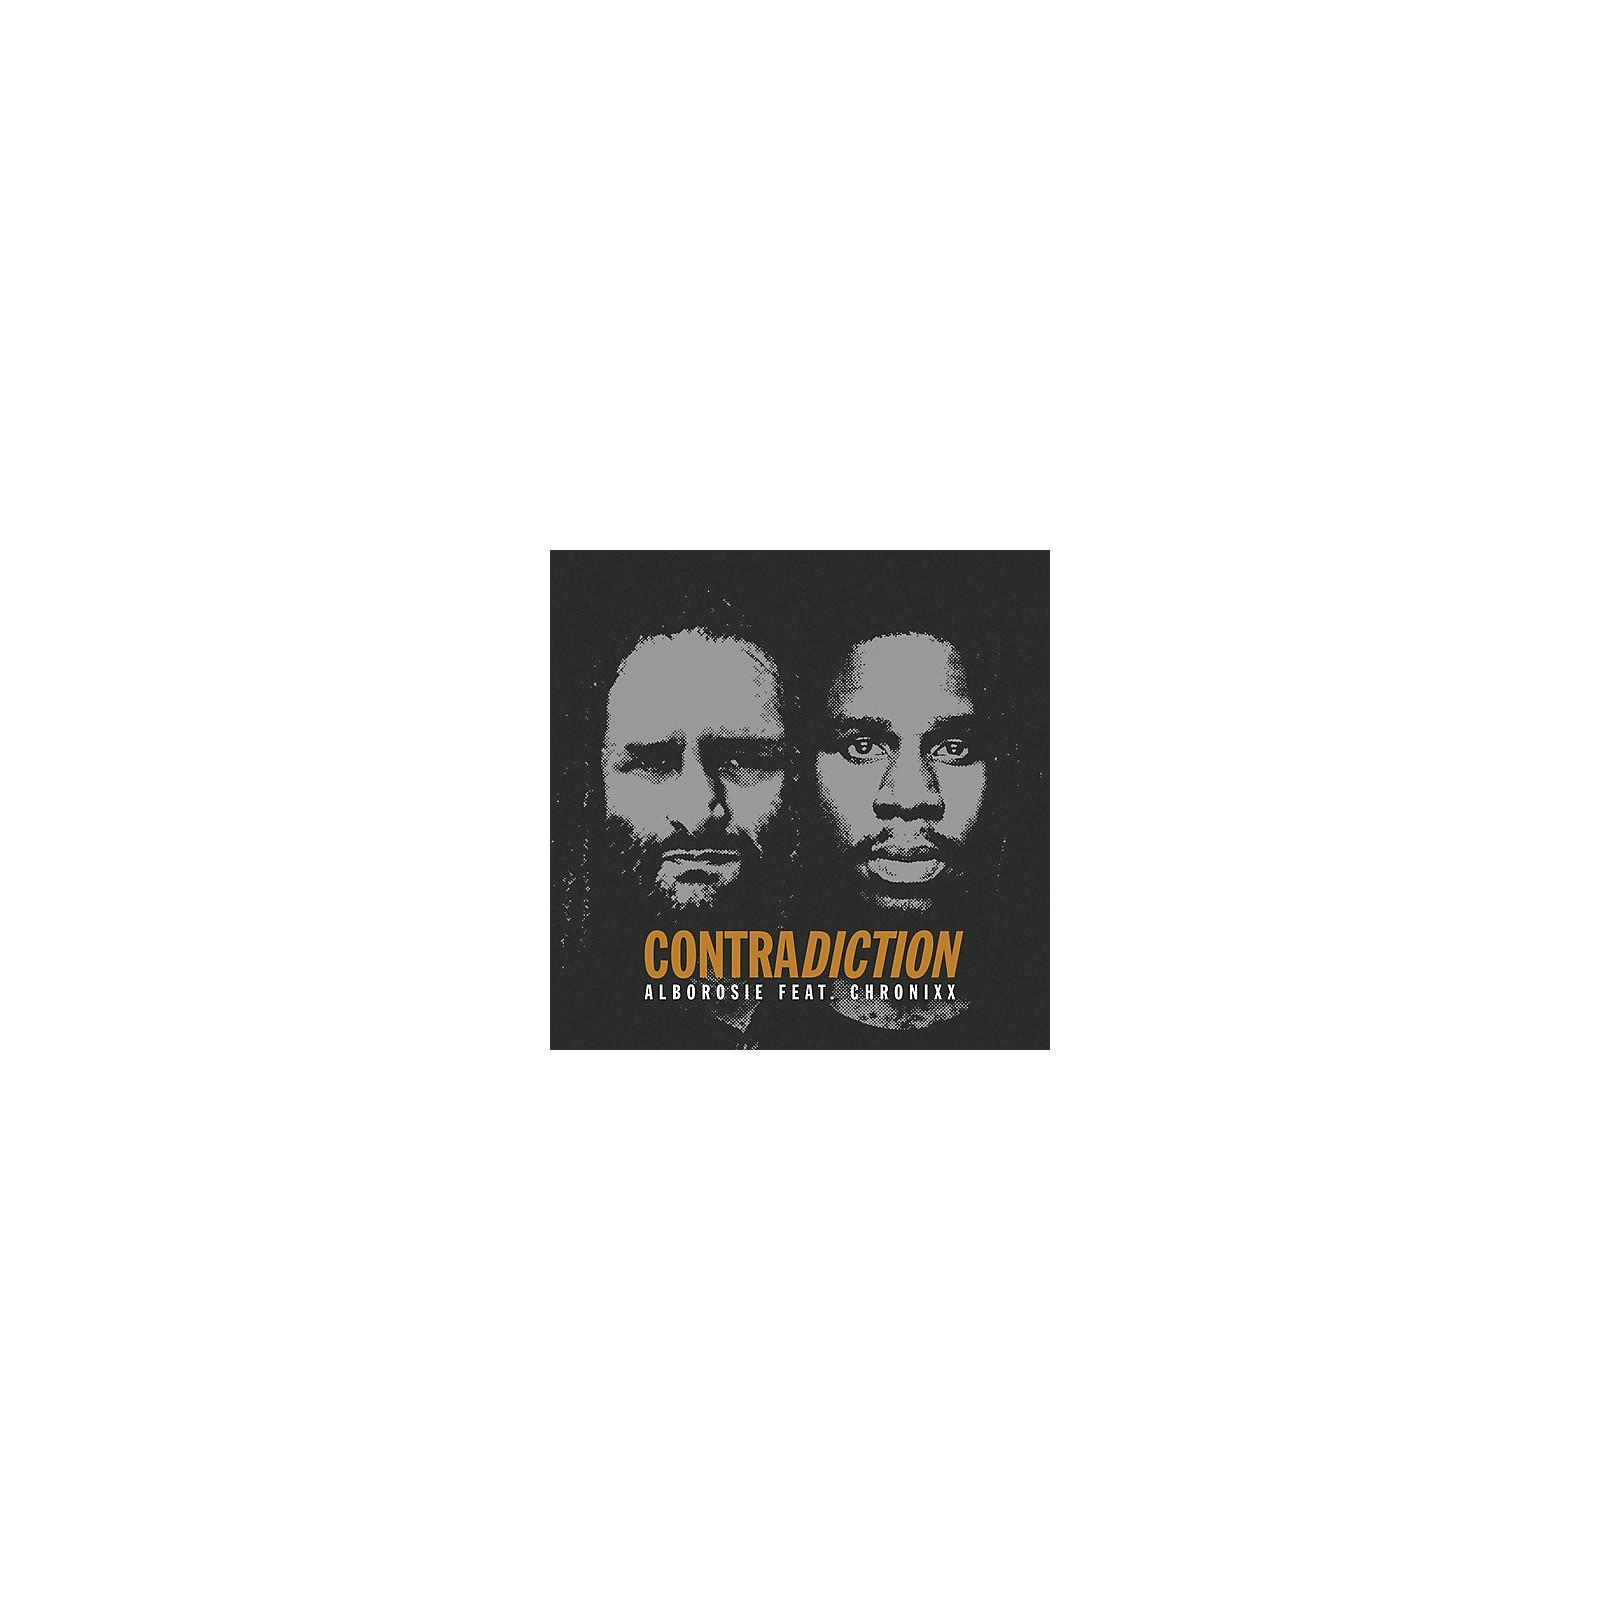 Alliance Alborosie - Contradiction